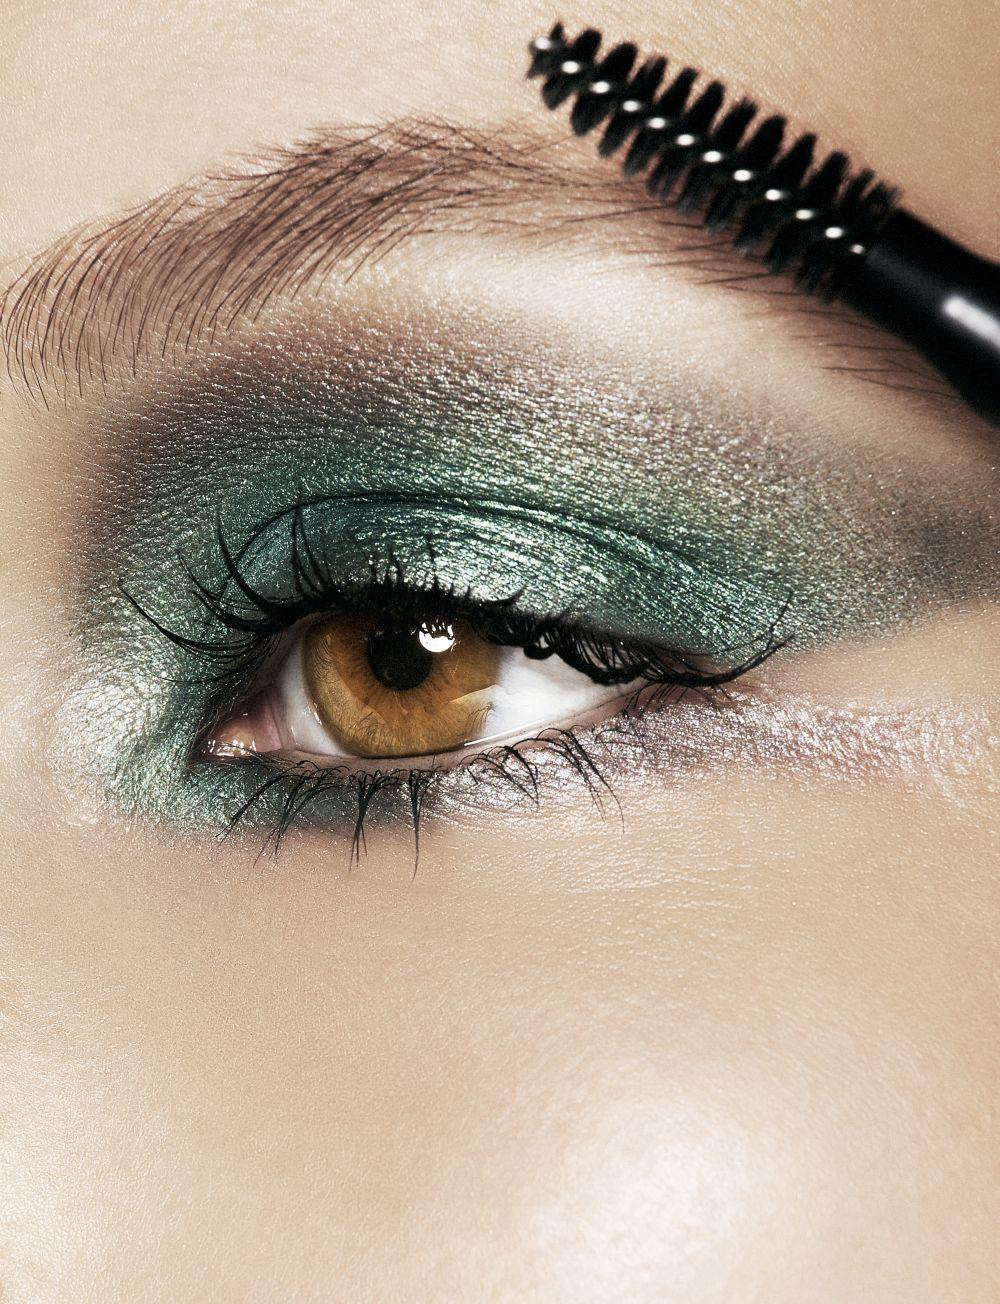 Los colores de sombras más próximos a tu color de ojos pueden servirte de base, mientras que los opuestos pueden servirte para dar toque de luz debajo de las cejas o lagrimal.